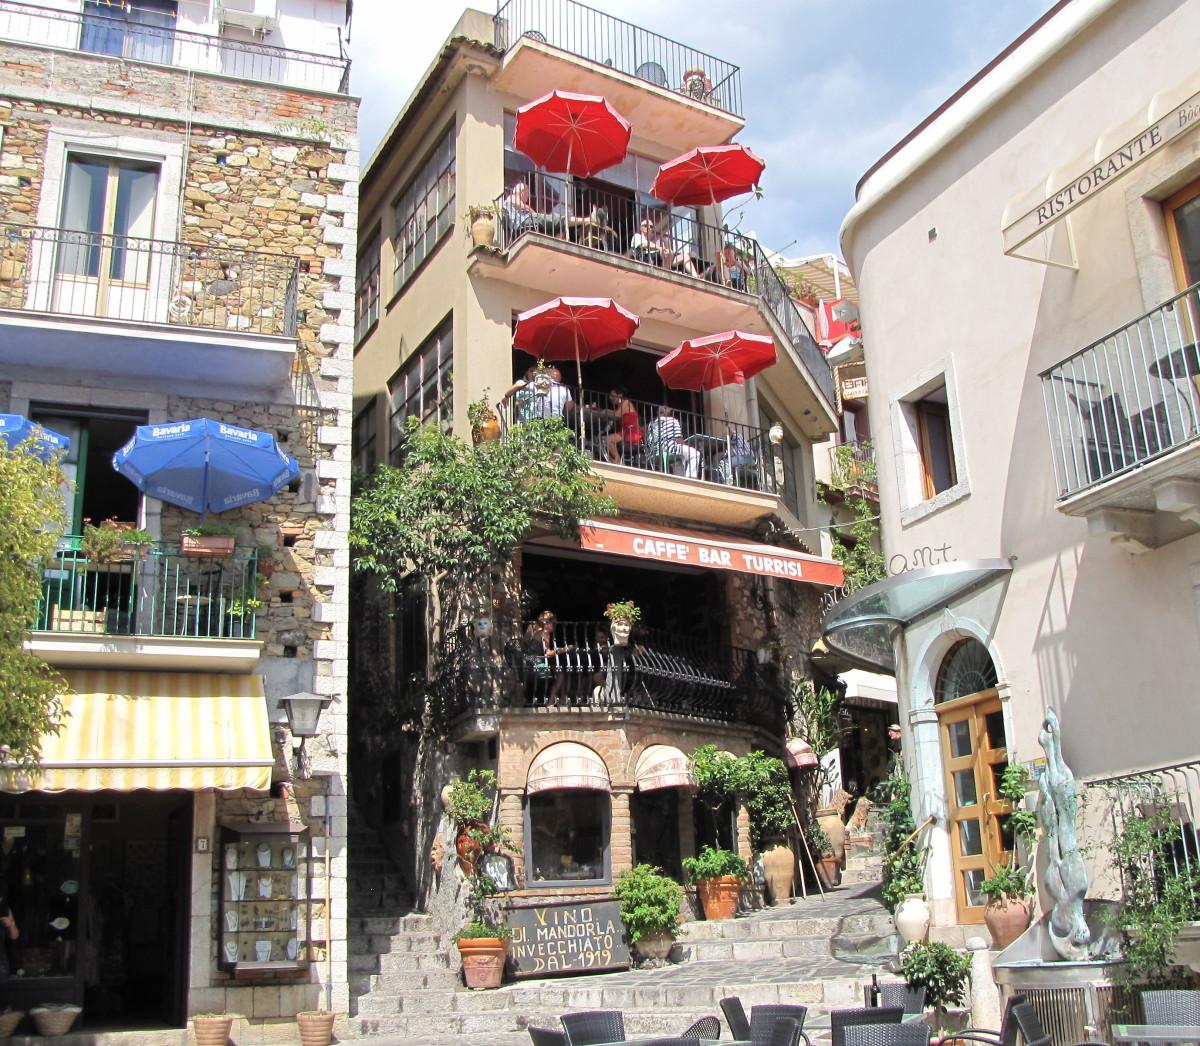 Caffe' Bar Turrisi